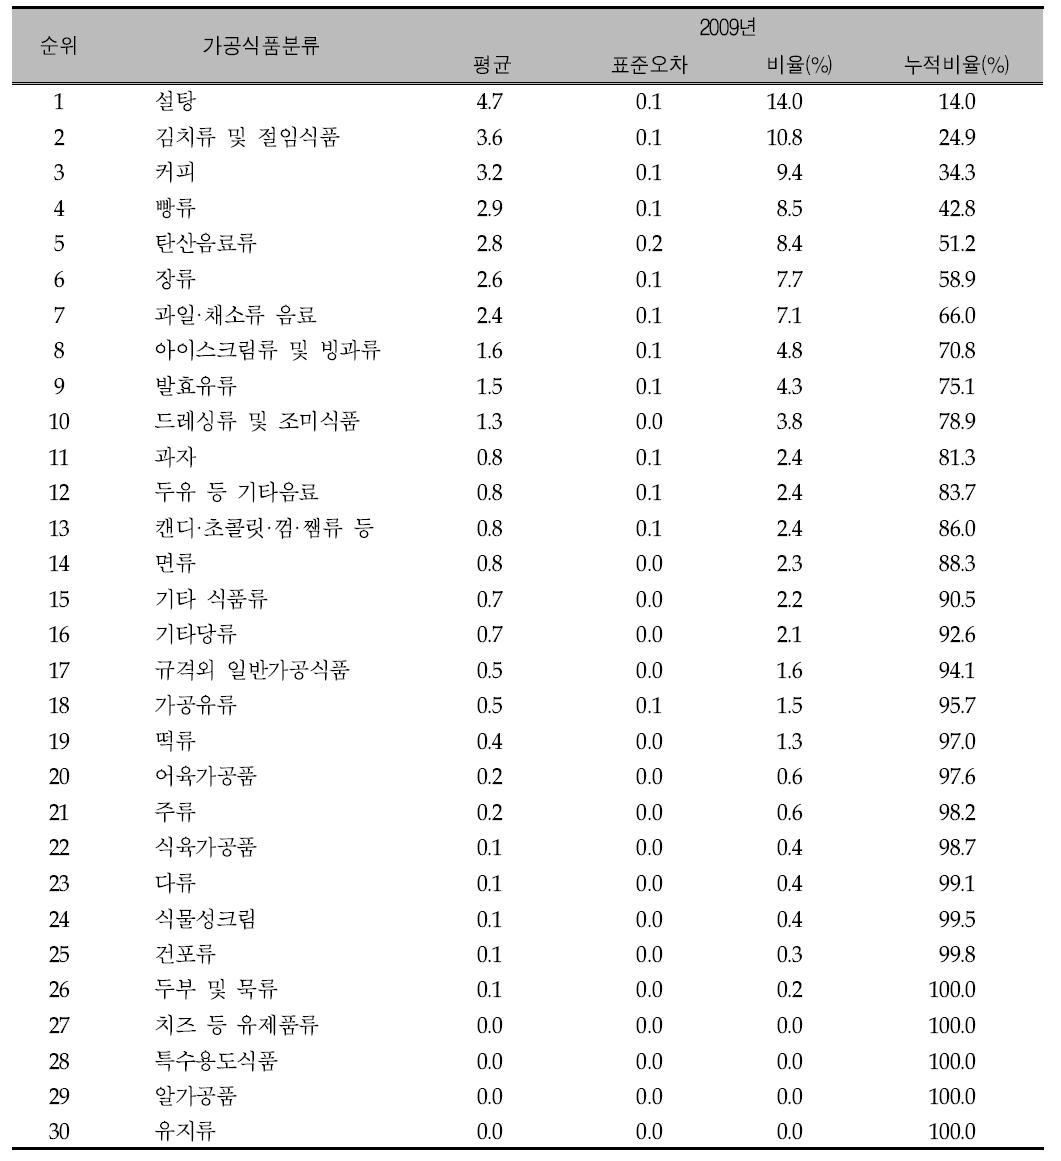 가공식품 30군의 연도별 주요 당류 급원 식품 순위:: 국민건강영양조사 2009년